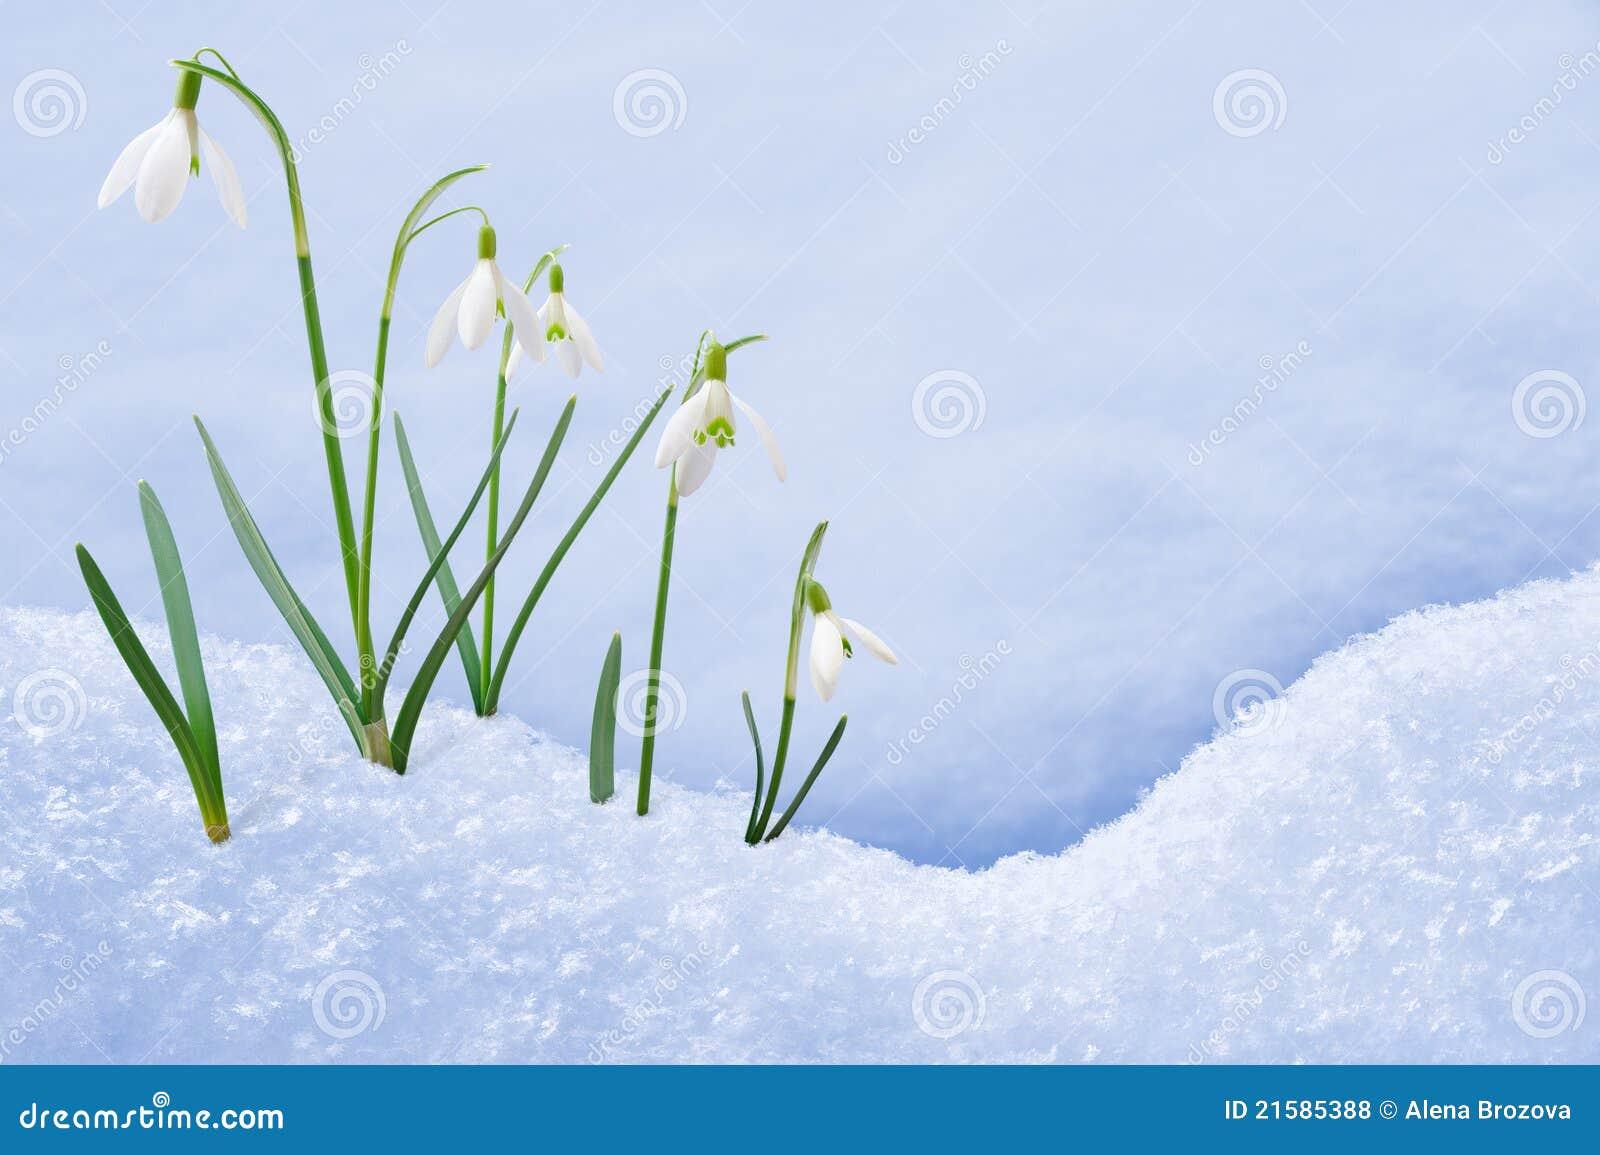 Kwiaty grupują śnieżną dorośnięcie śnieżyczkę